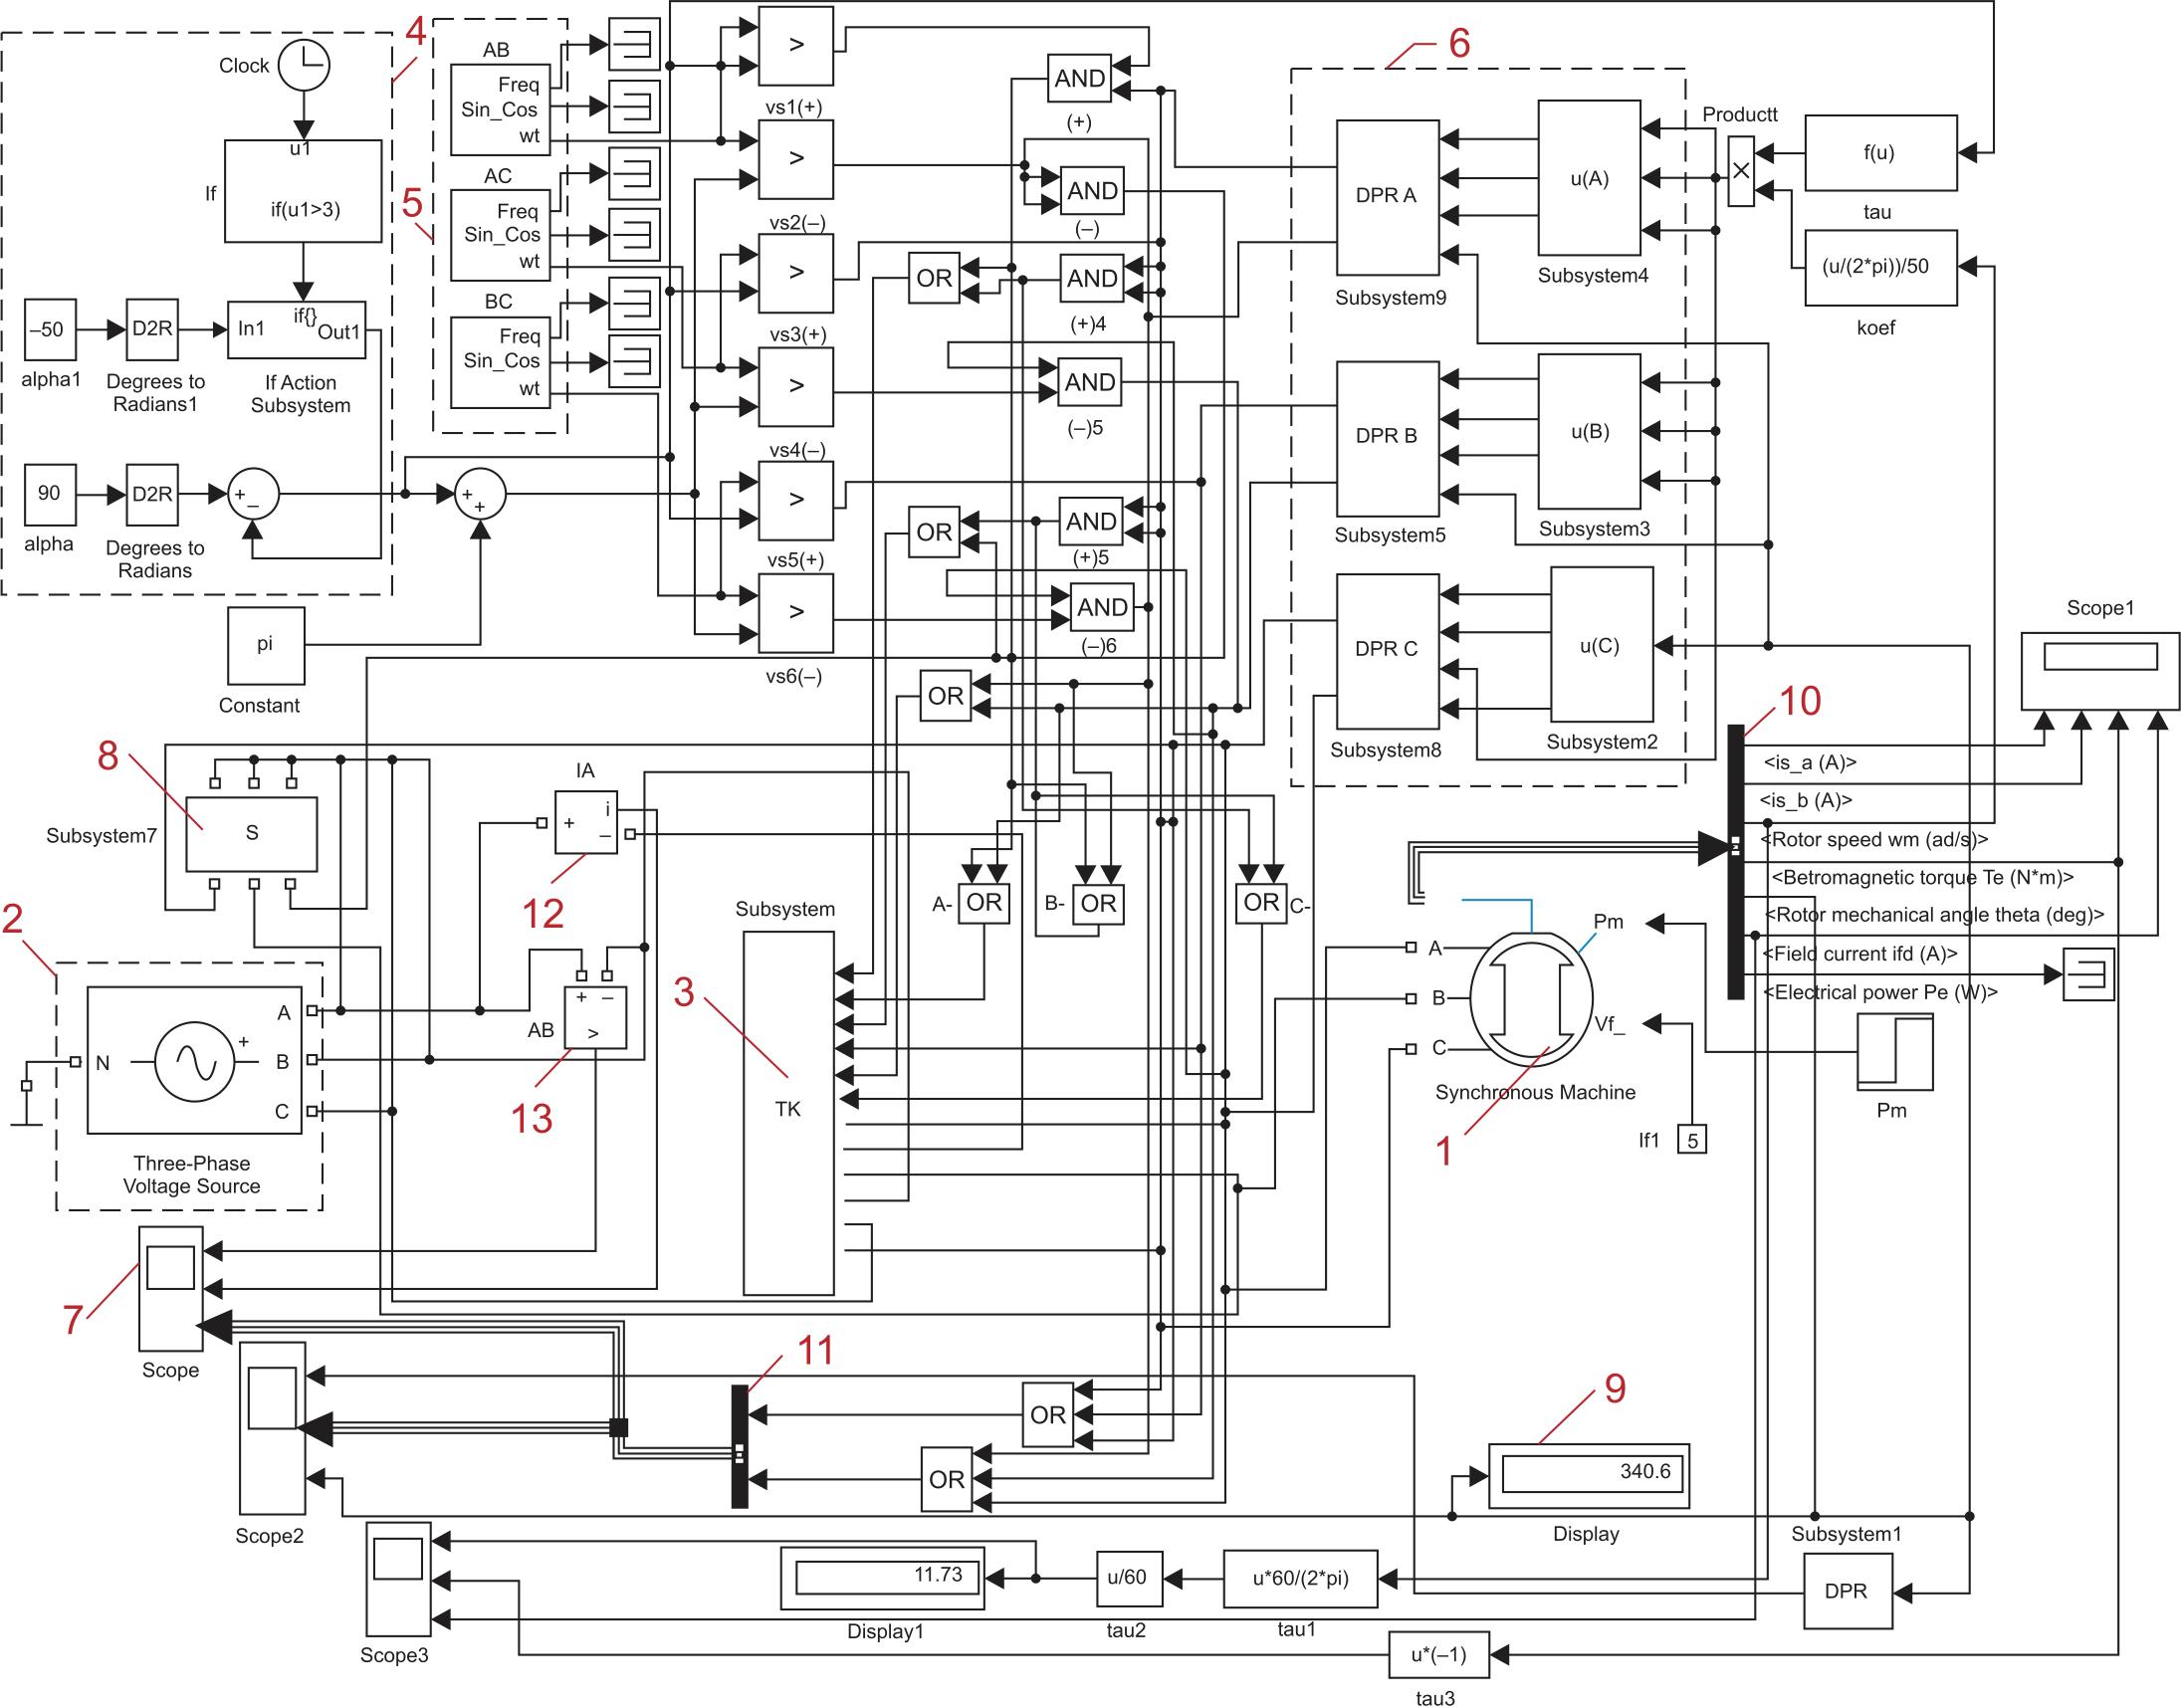 Визуально-математическая модель системы импульсного управления скоростью синхронного двигателя (1 — синхронный двигатель; 2 — трехфазная электрическая сеть; 3 — тиристорный коммутатор; 4 — система создания угла управления; 5 — генератор сигналов, синхронизированных с сетью; 6 — система обработки сигналов датчика положения ротора; 7 — осциллограф; 8 — выключатель; 9 — окно чтения текущего значения; 10 — разделитель сигналов; 11 — комбинатор сигналов; 12, 13 — измерительные приборы: амперметр, вольтметр)